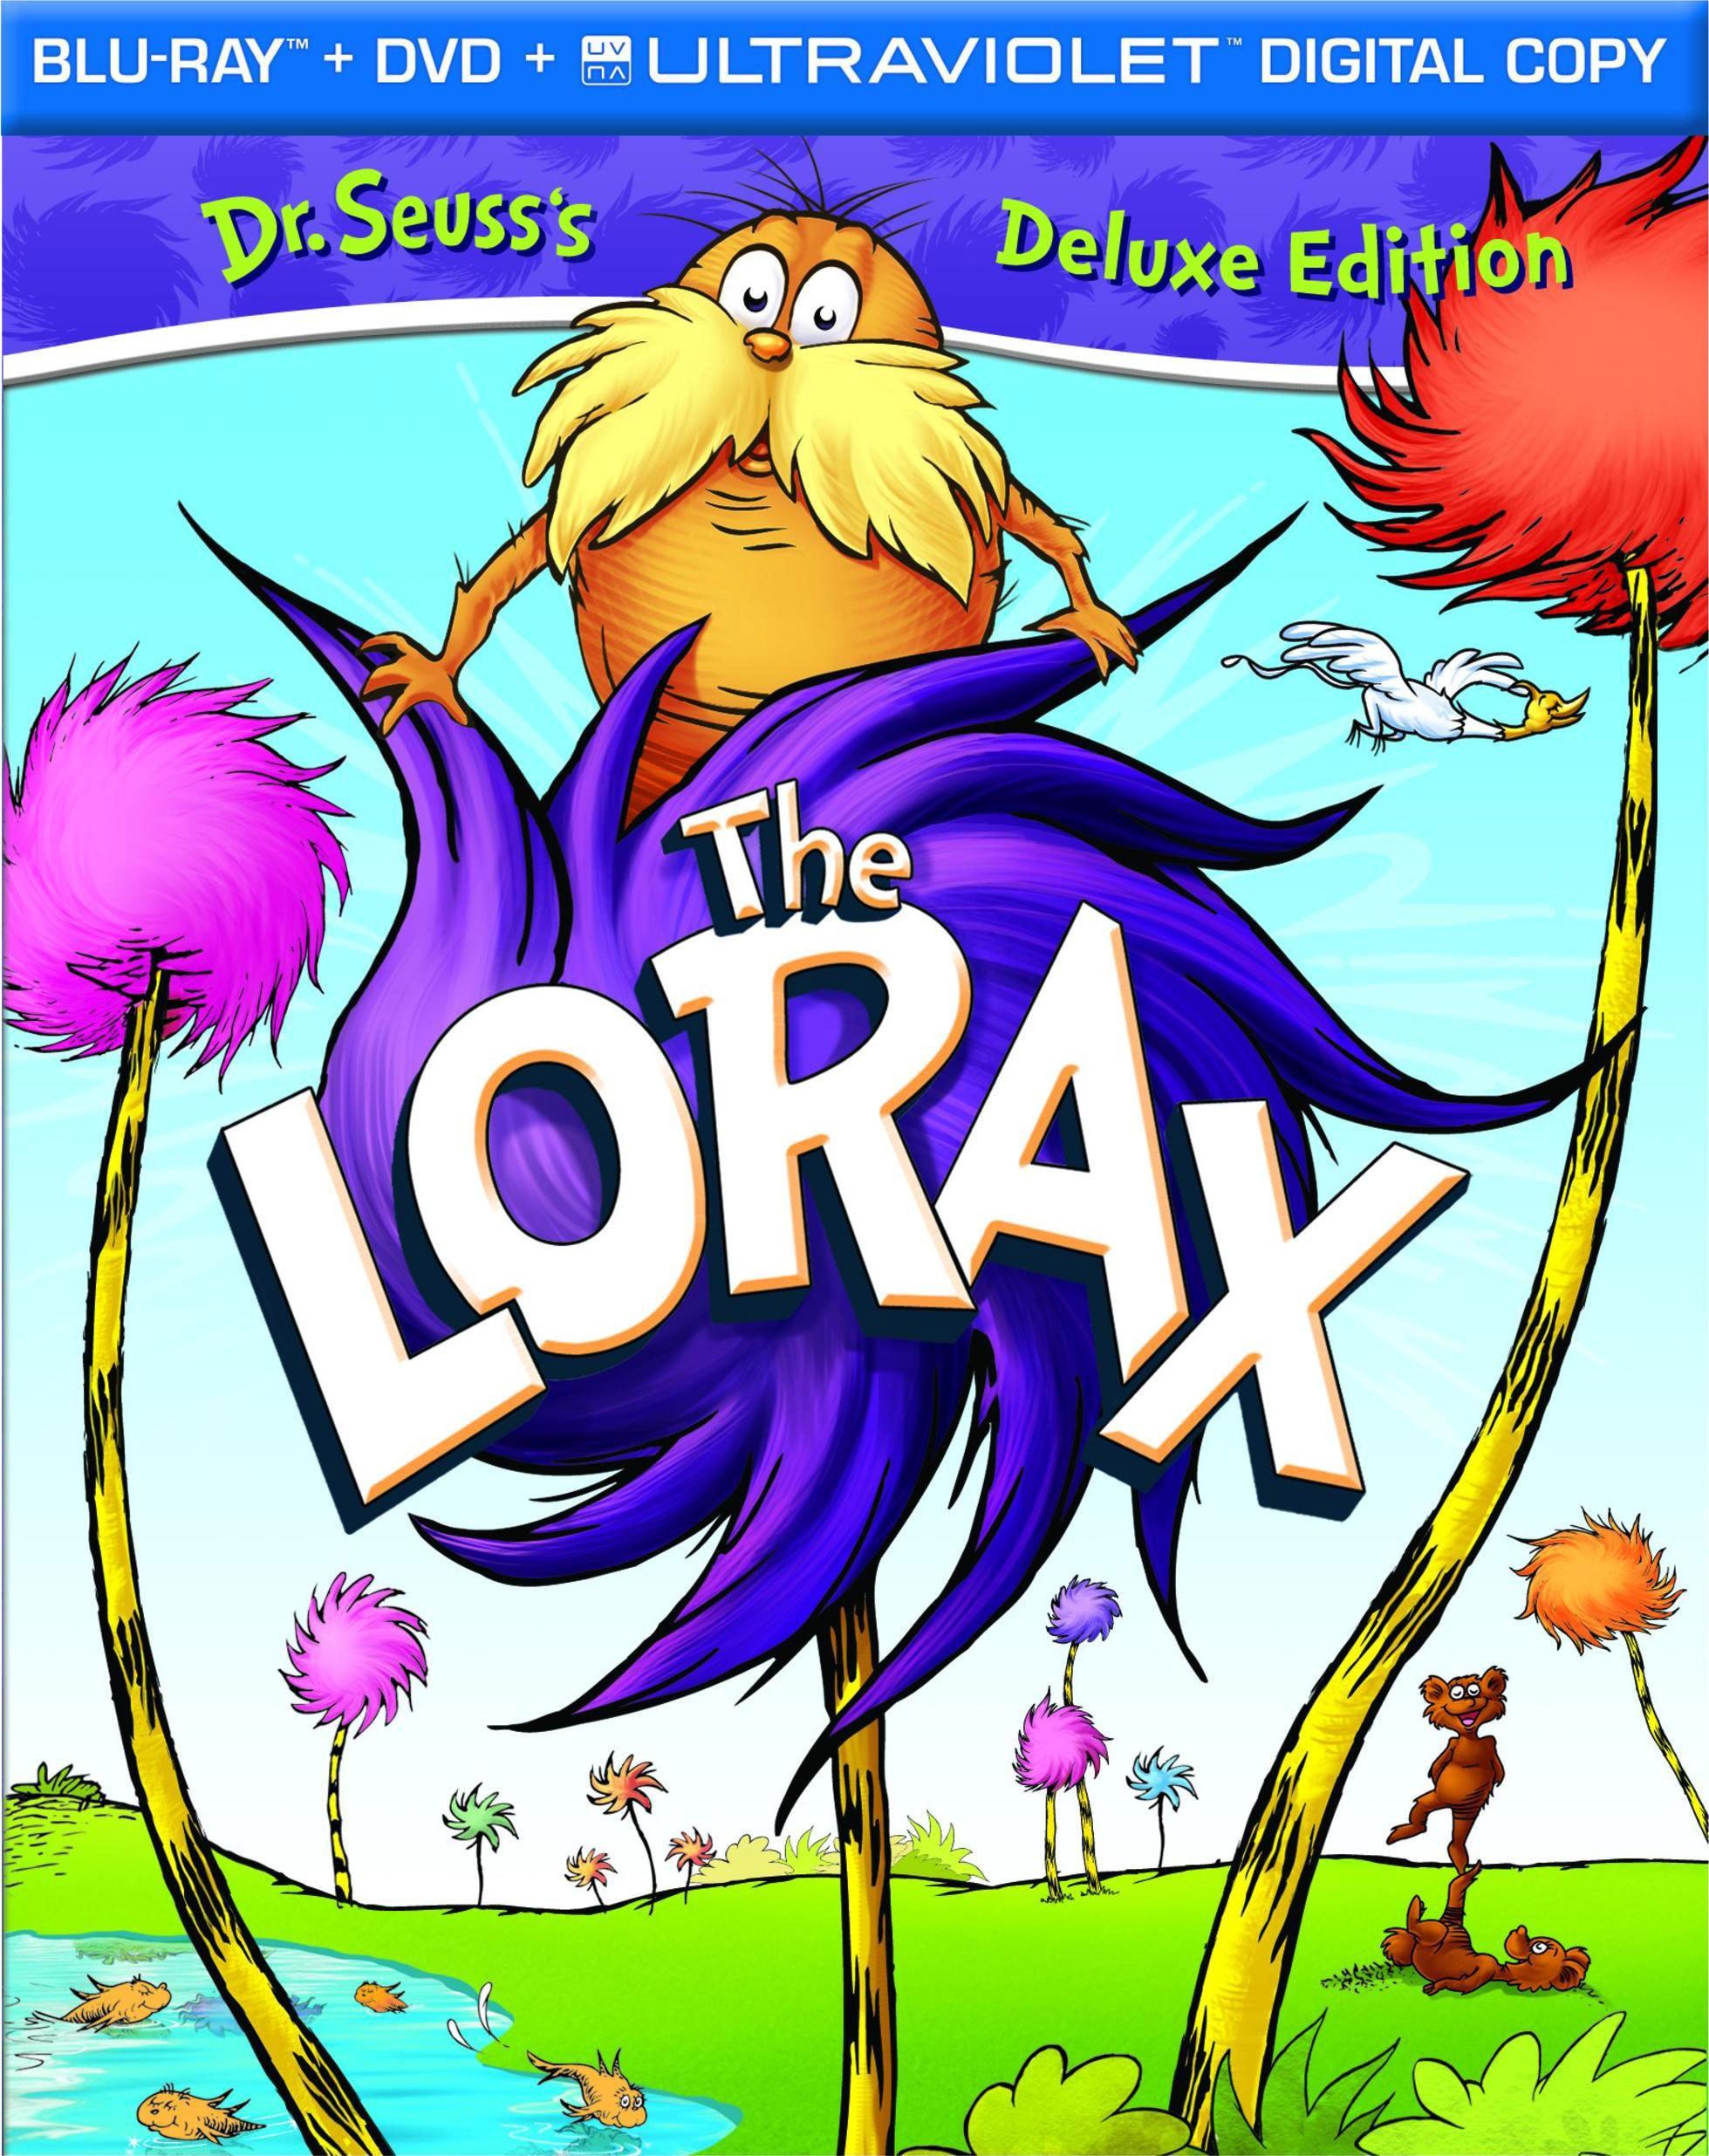 The Lorax (Blu-ray/DVD)